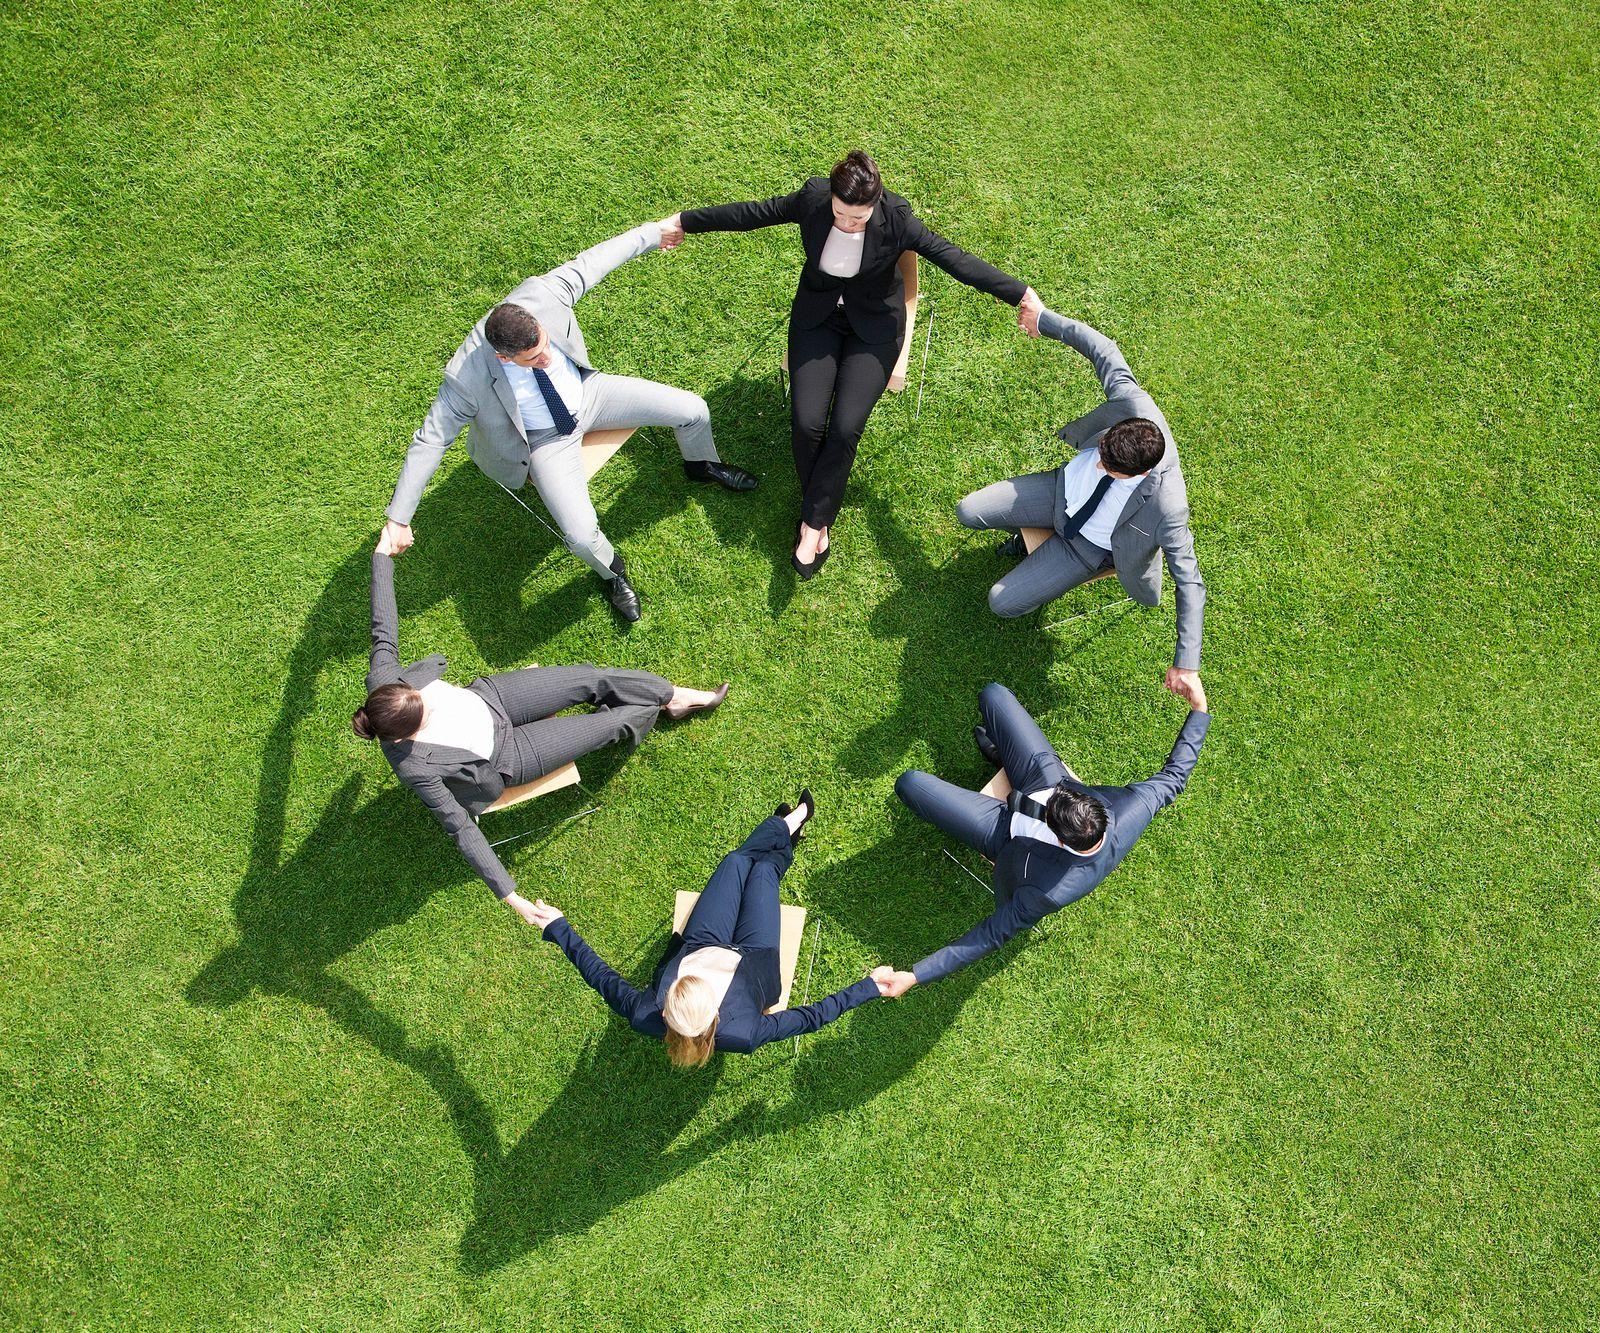 NICHT MEHR VERWENDEN! - Symbol/ Psychotherapie/ Familienaufstellung/ Coaching/ Seminar